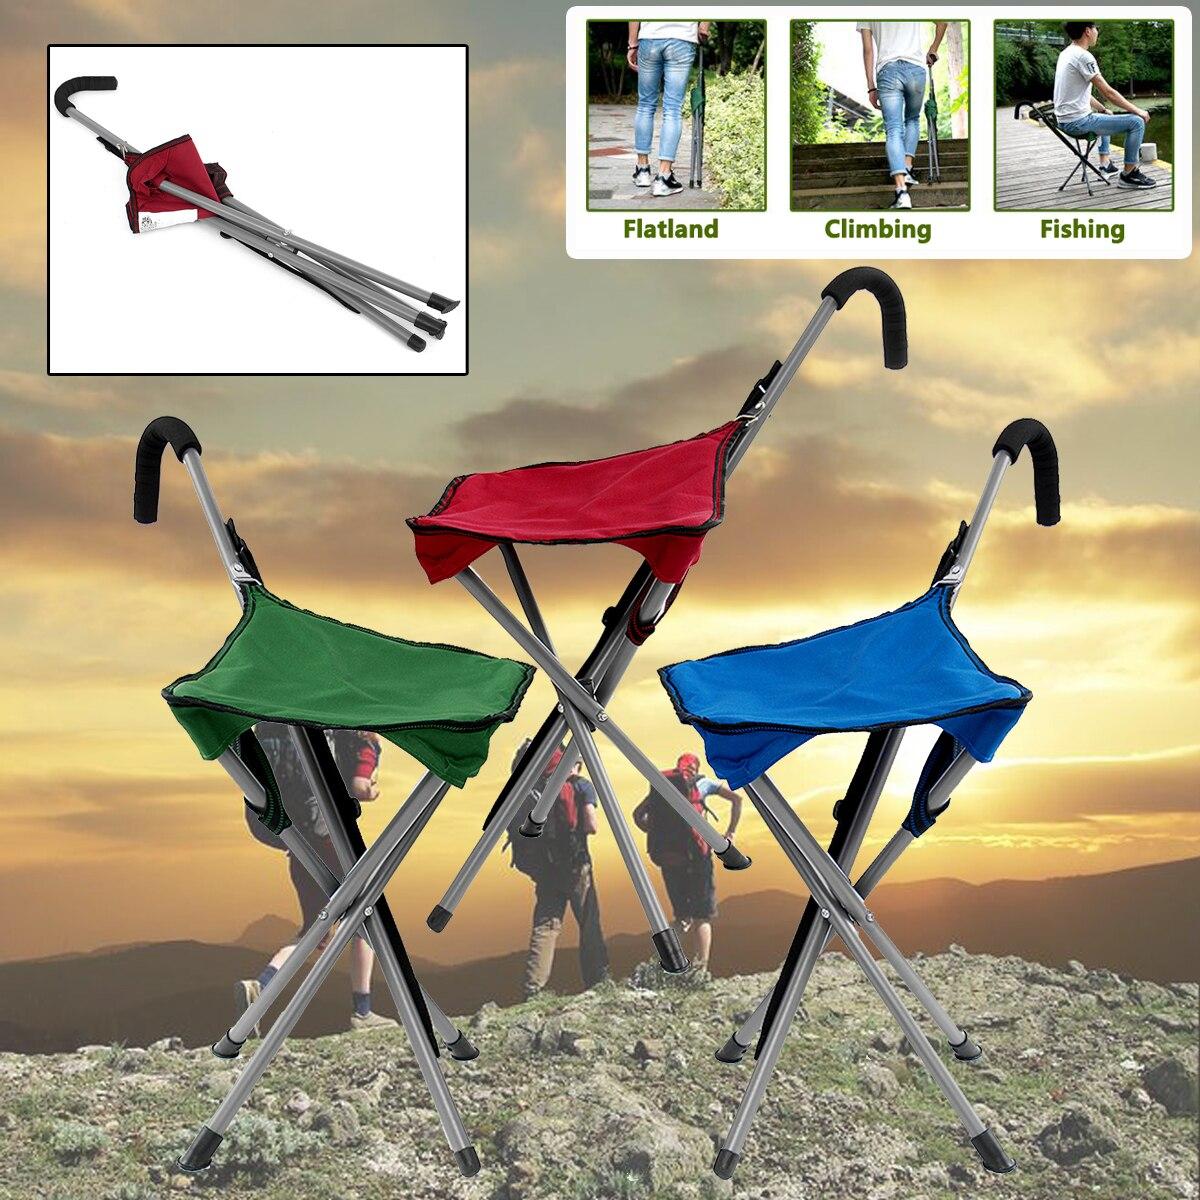 Canne pliante chaise Portable bâton de marche avec tabouret facile à plier siège repos trépied pêche randonnée Camping tabouret chaise outil extérieur